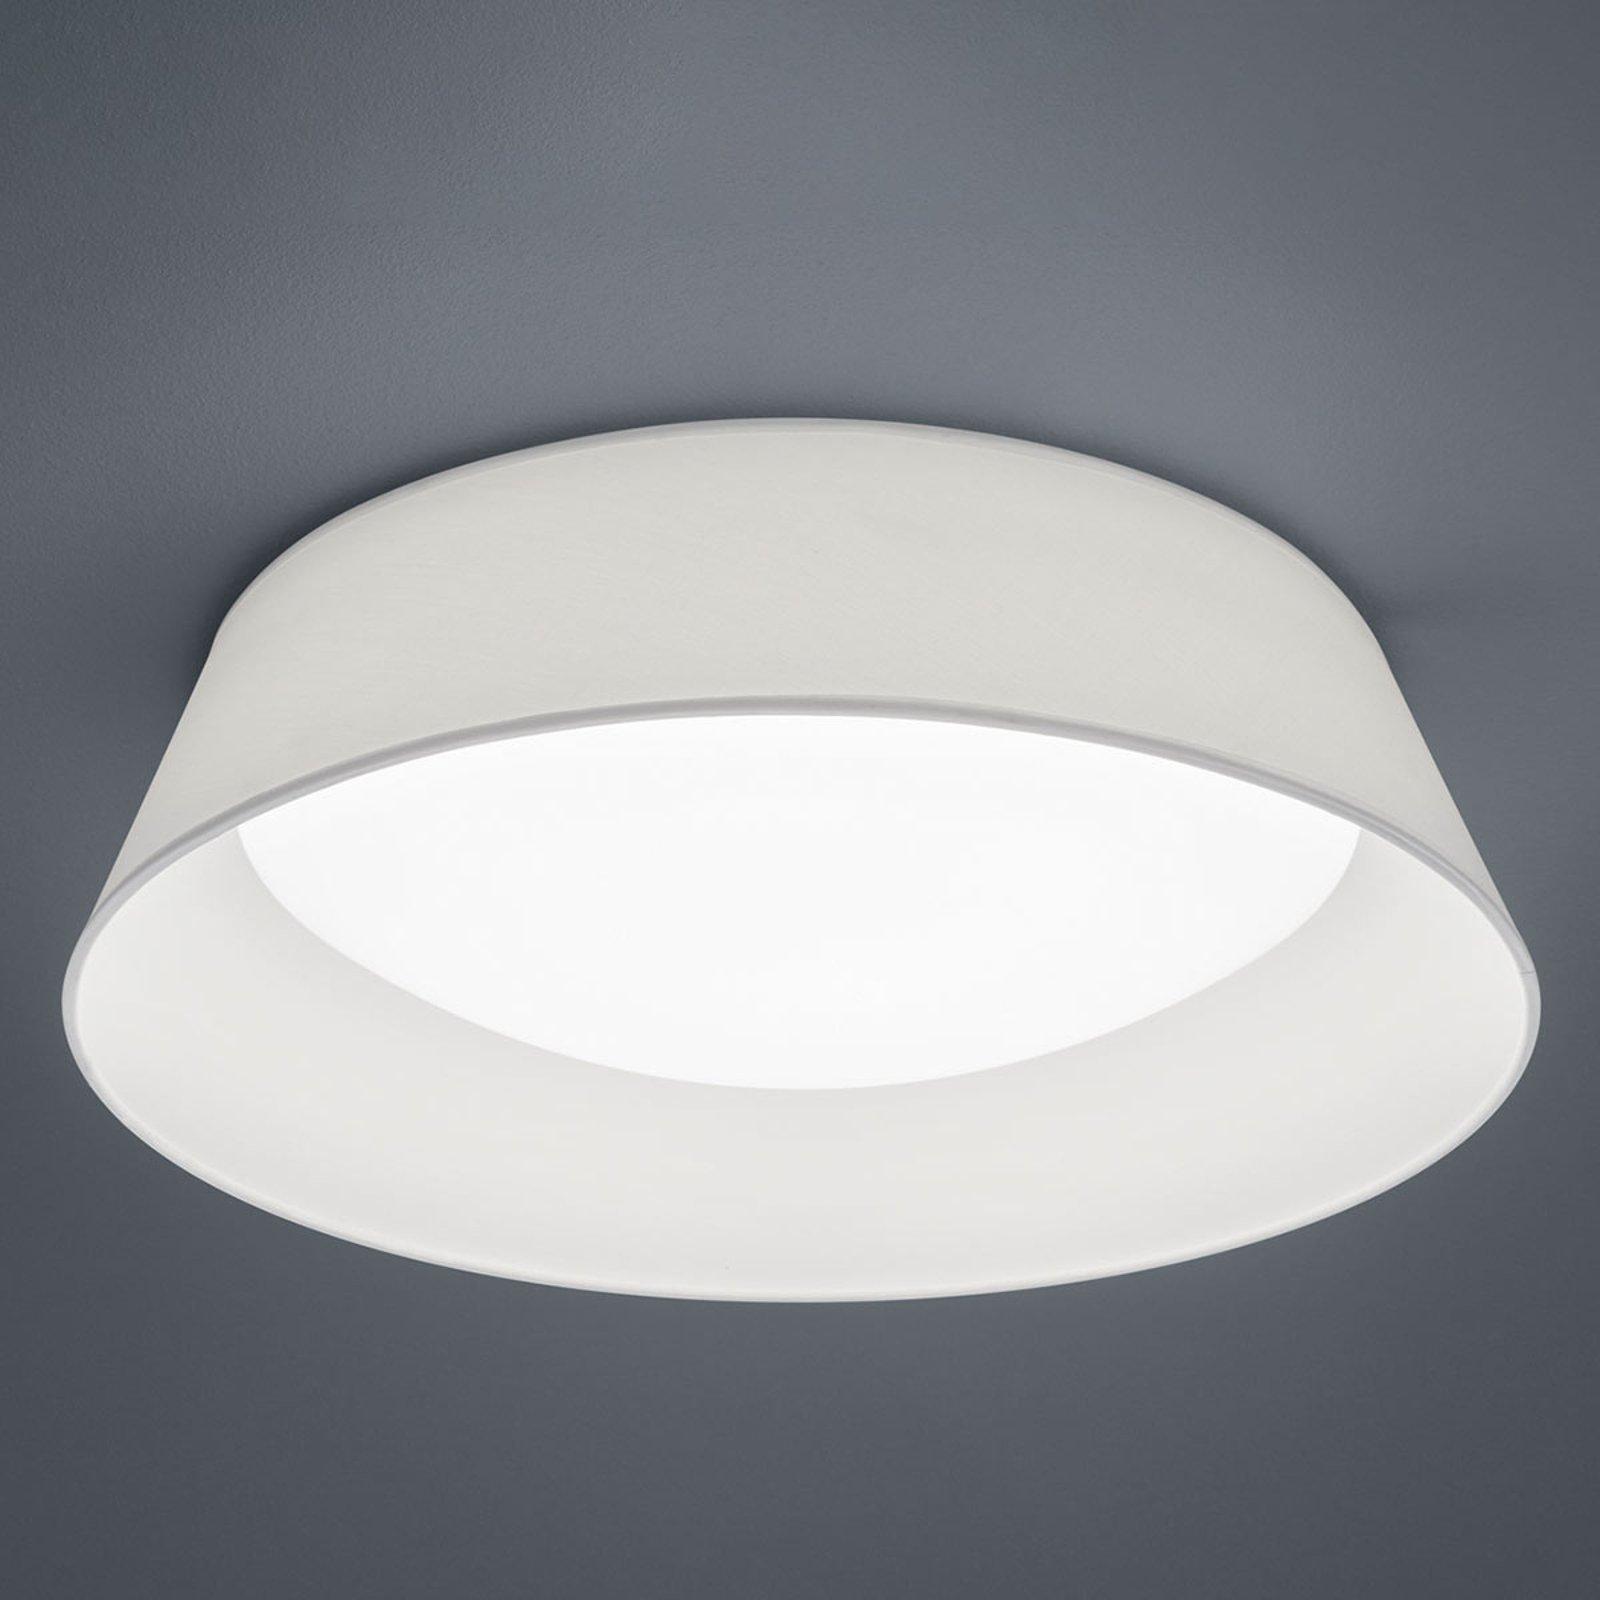 LED-taklampe Ponts med hvit tekstilskjerm